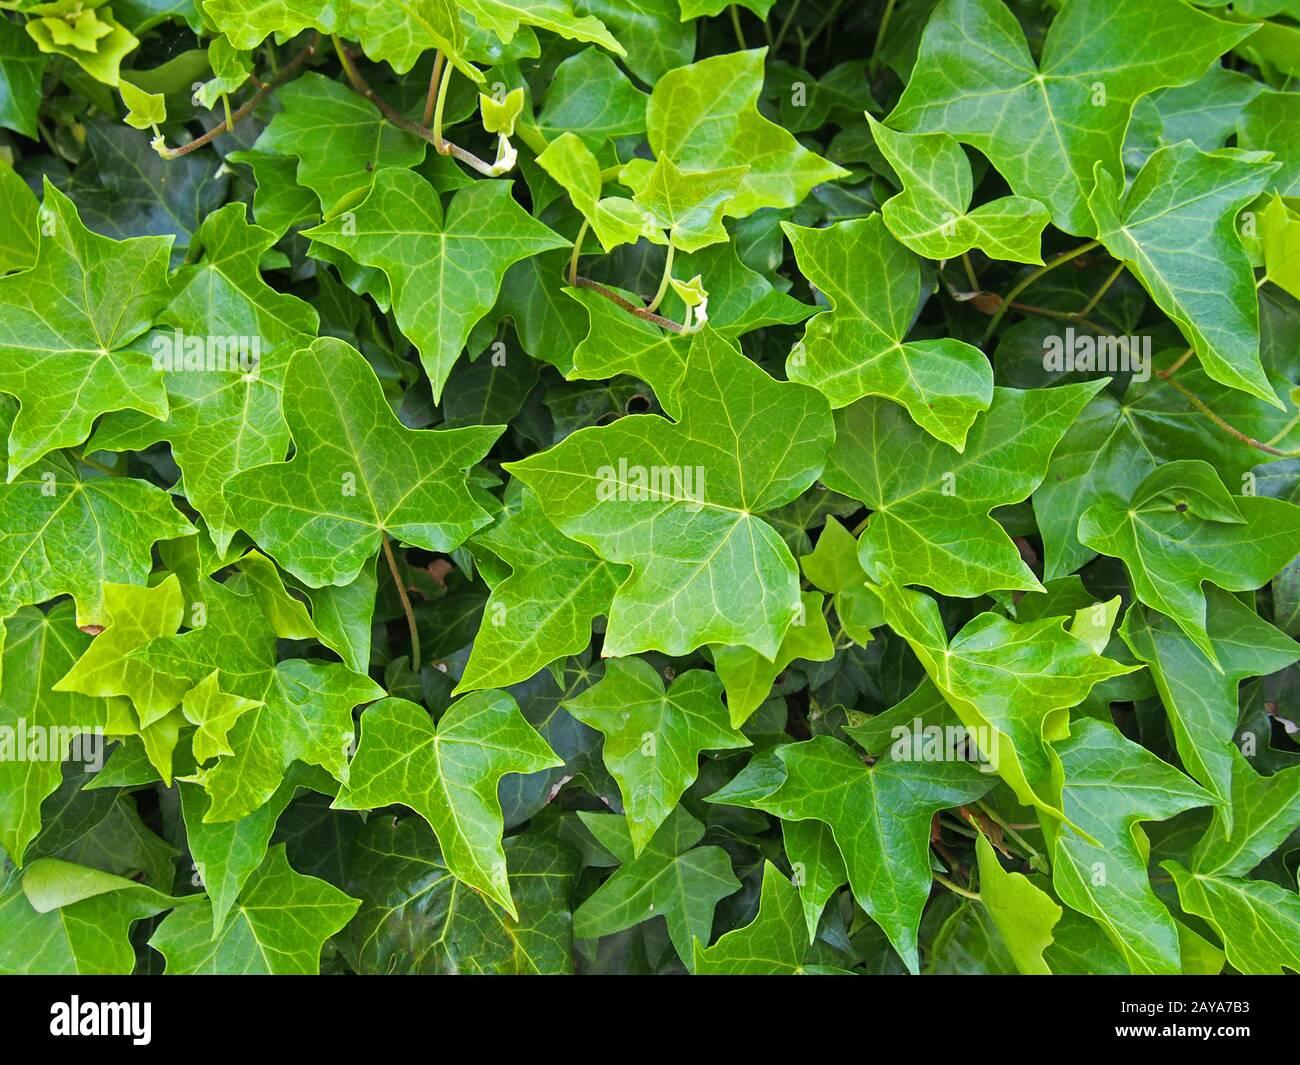 croissance dense de l'ivy vert vif dans l'image d'arrière-plan rapprochée Banque D'Images